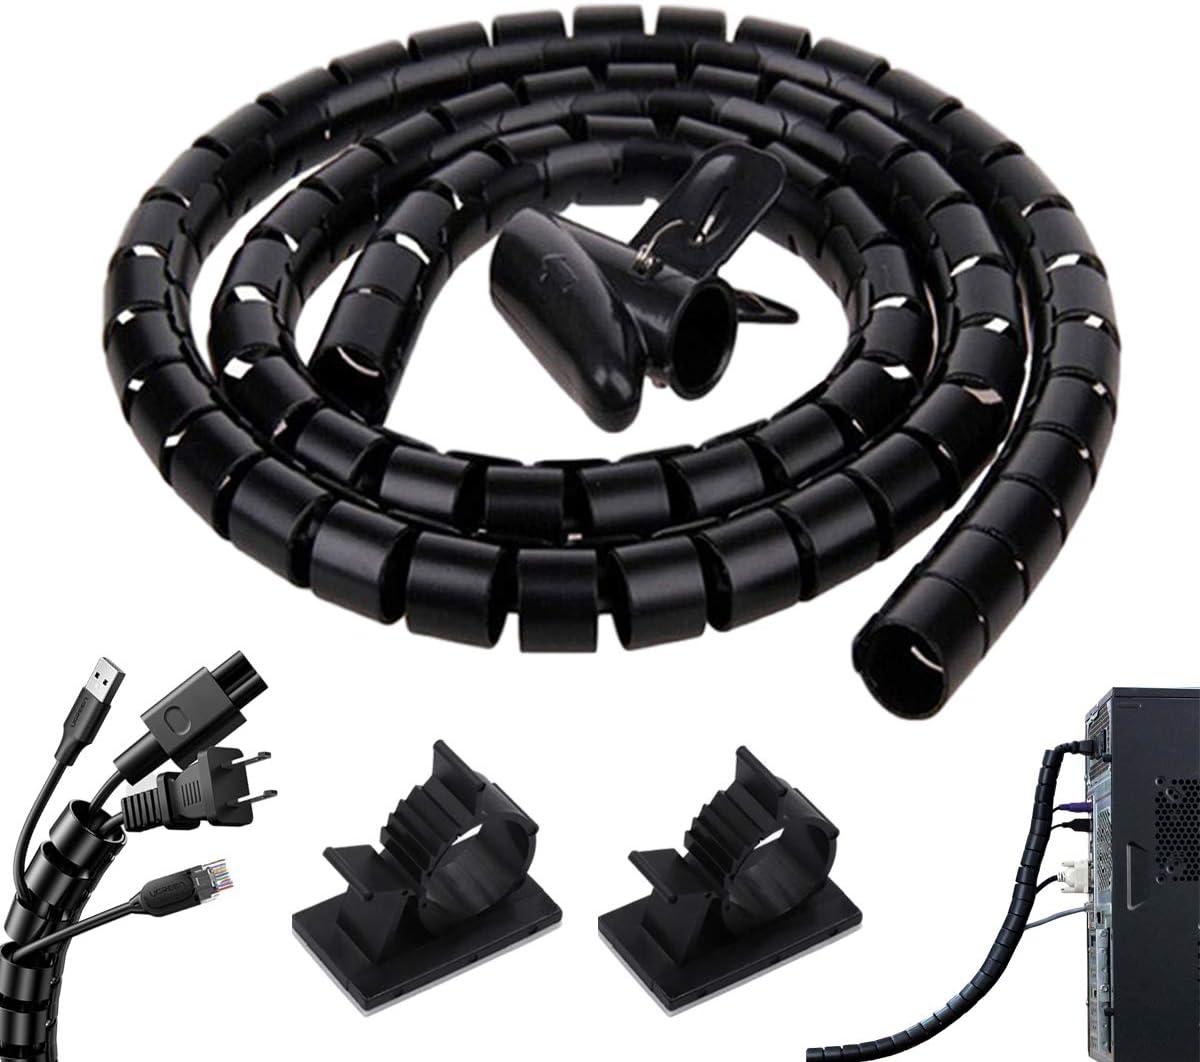 Organizador Cables,Cubre Cables, Flexible Funda Organizador Cables, Organizador de Cables Mesa,Espiral Cubre Cables Universal para Ordenador, TV, Hogar, Oficina: Amazon.es: Bricolaje y herramientas